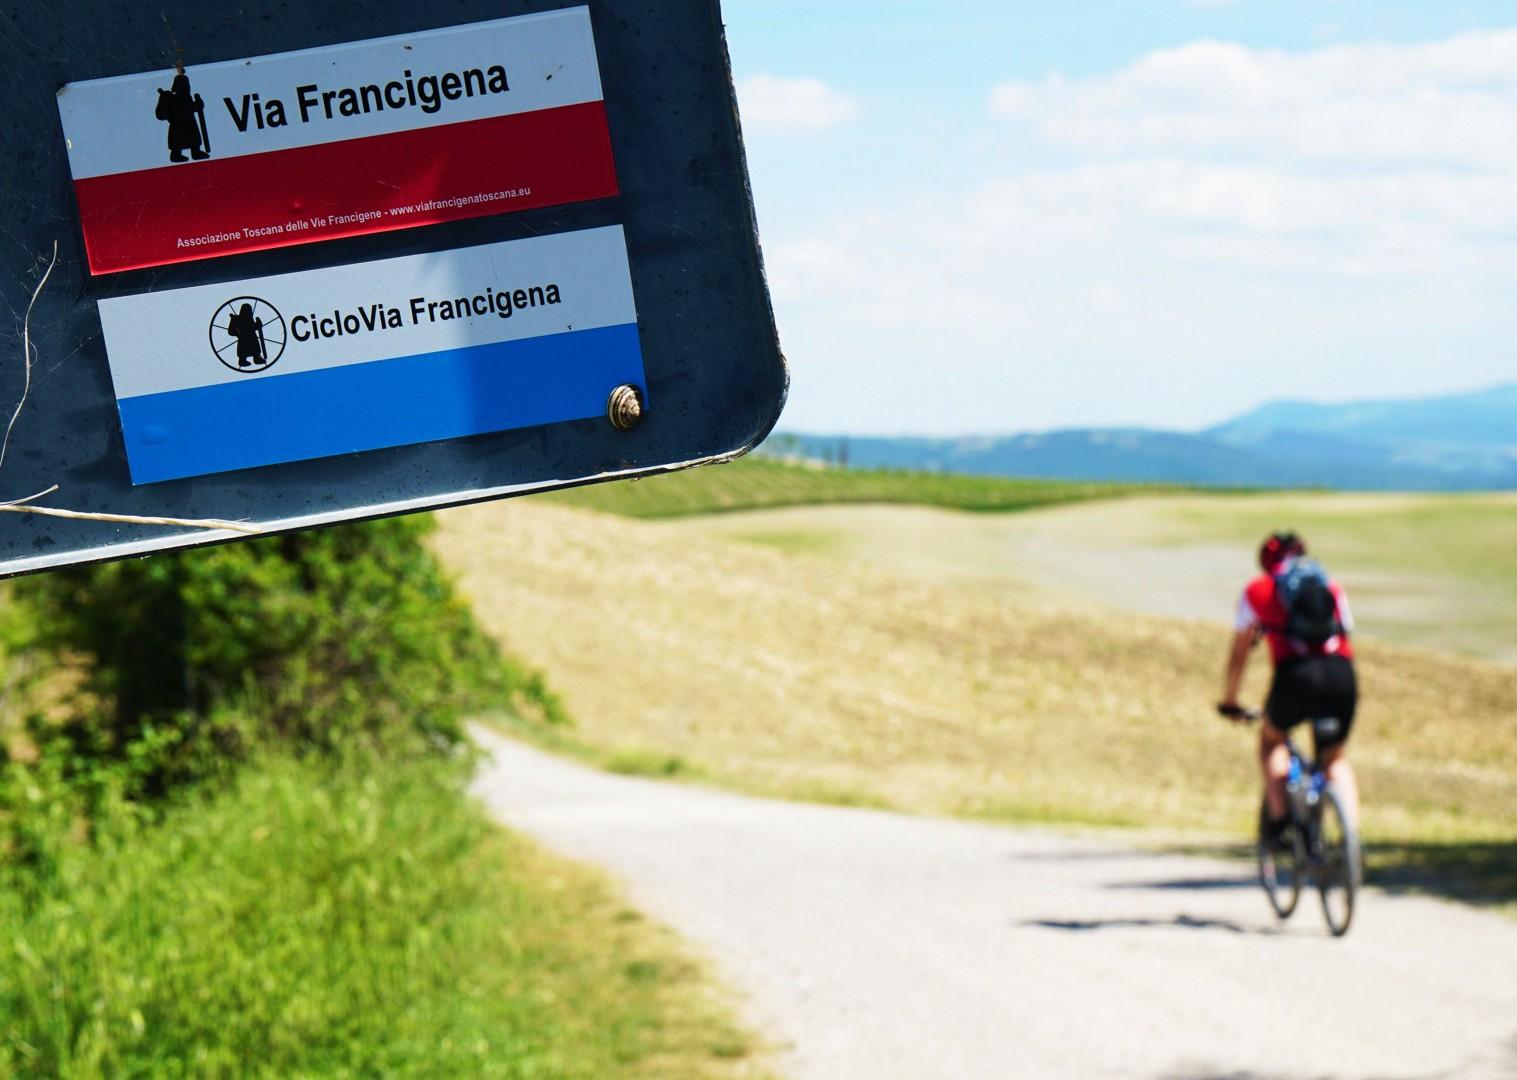 italy-via-francigena-tuscany-to-rome-self-guided-mountain-bike-holiday.jpg - Italy - Via Francigena (Tuscany to Rome) - Self-Guided Mountain Bike Holiday - Mountain Biking